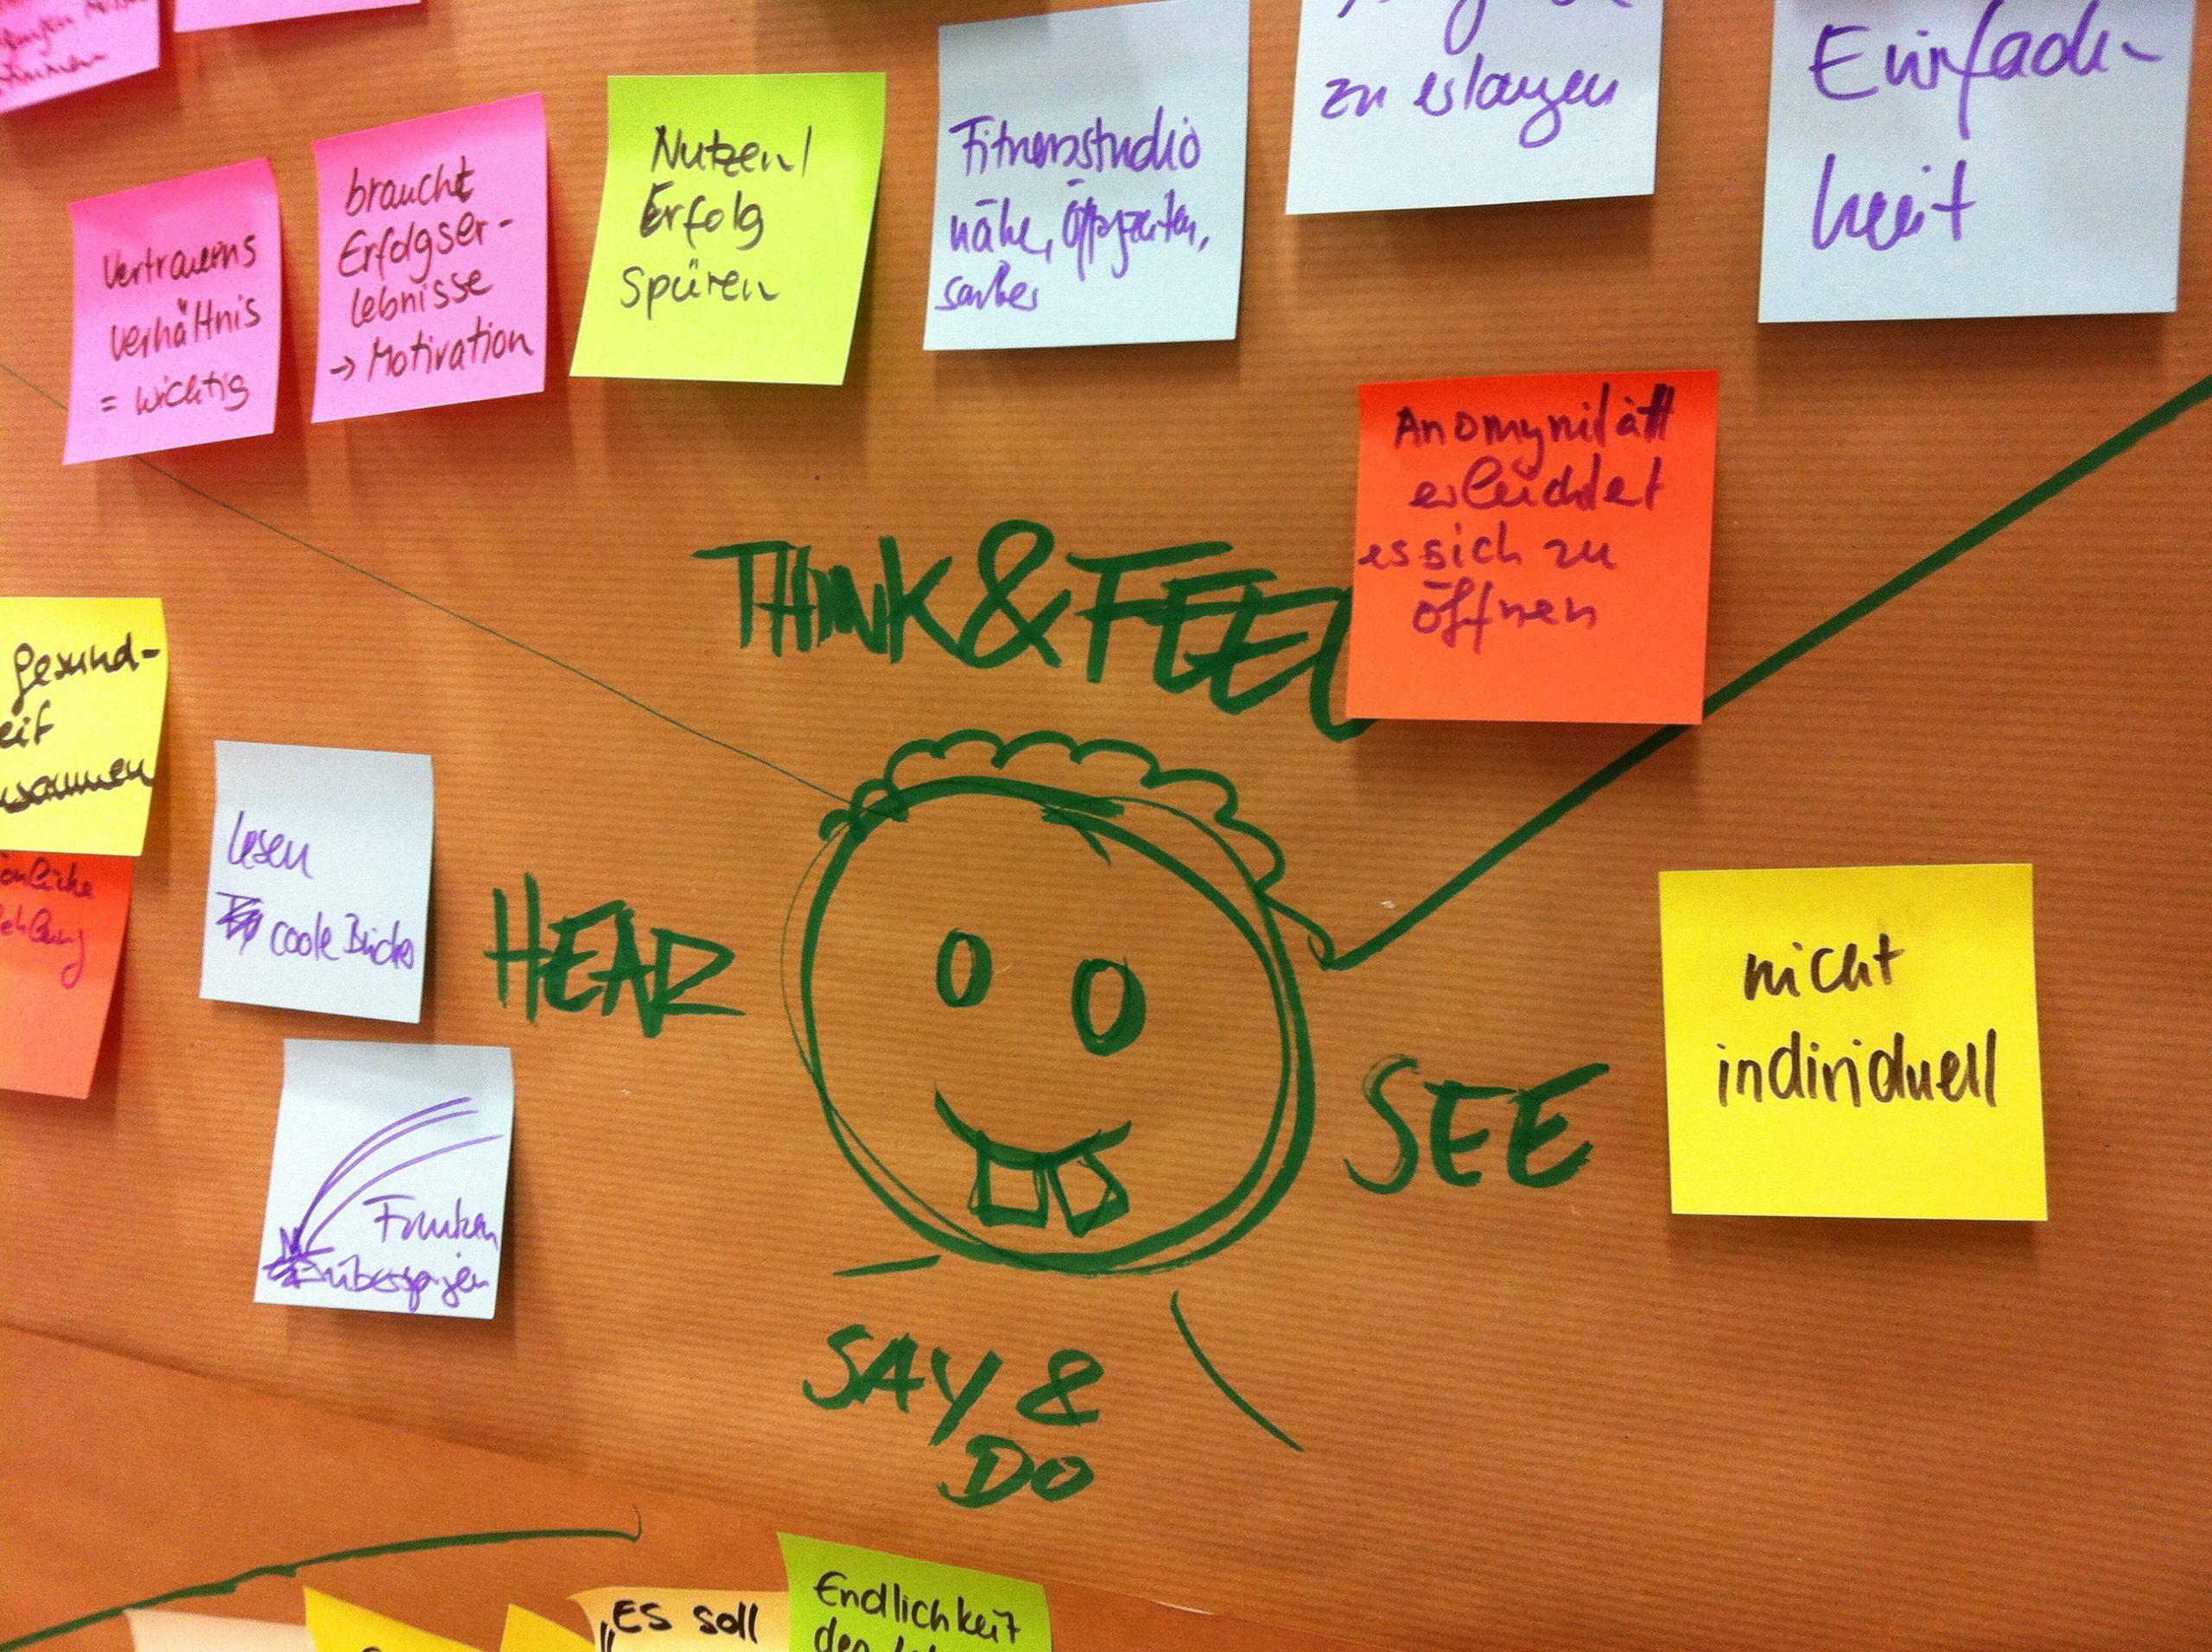 Design Thinking Ideensammlung mit Post-its